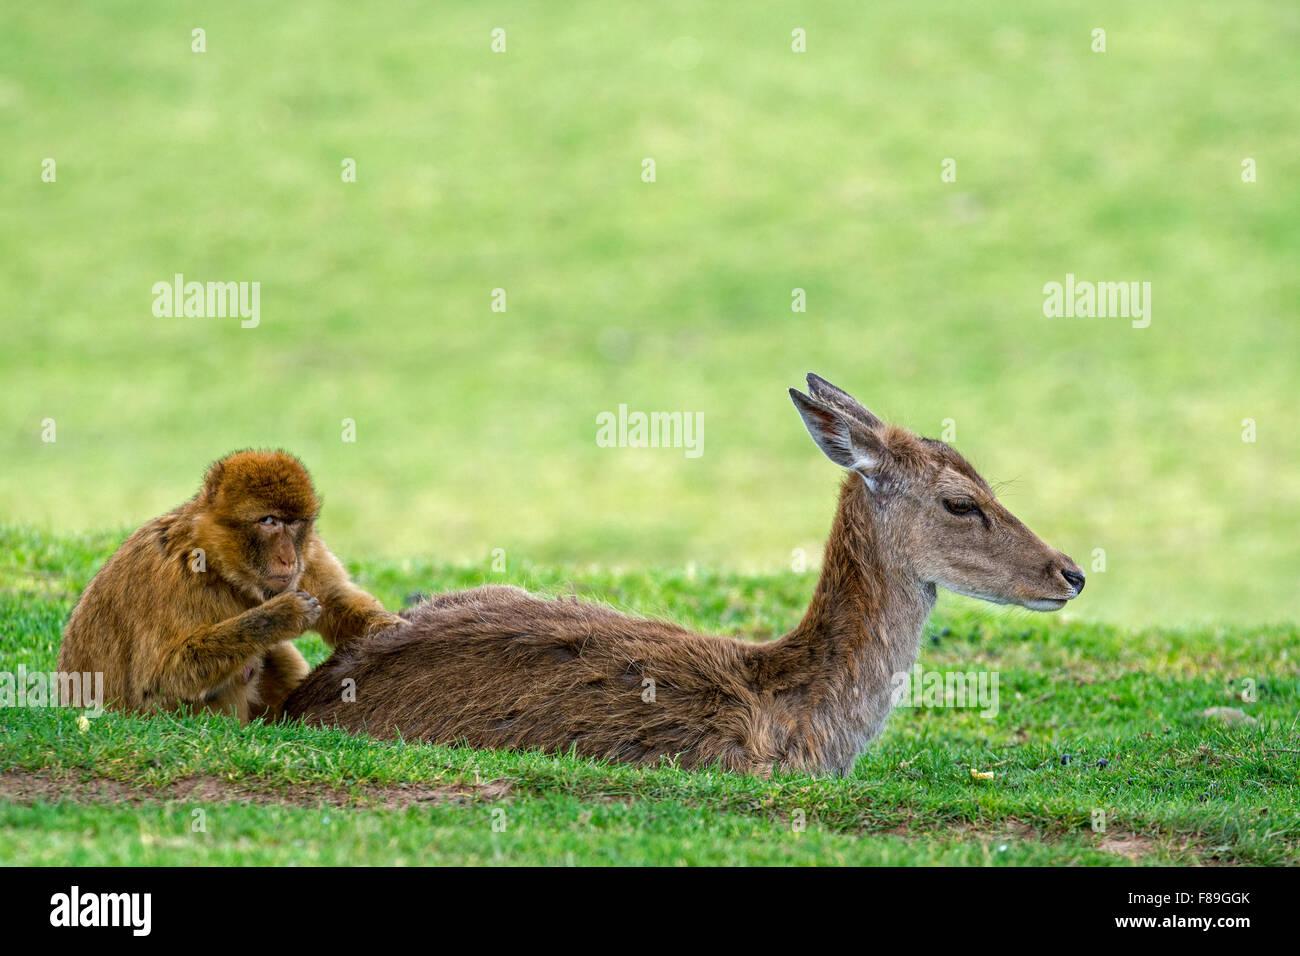 / Macaco de Berbería simios Barbary / magot (Macaca sylvanus) mono especies autóctonas del norte de Africa Imagen De Stock